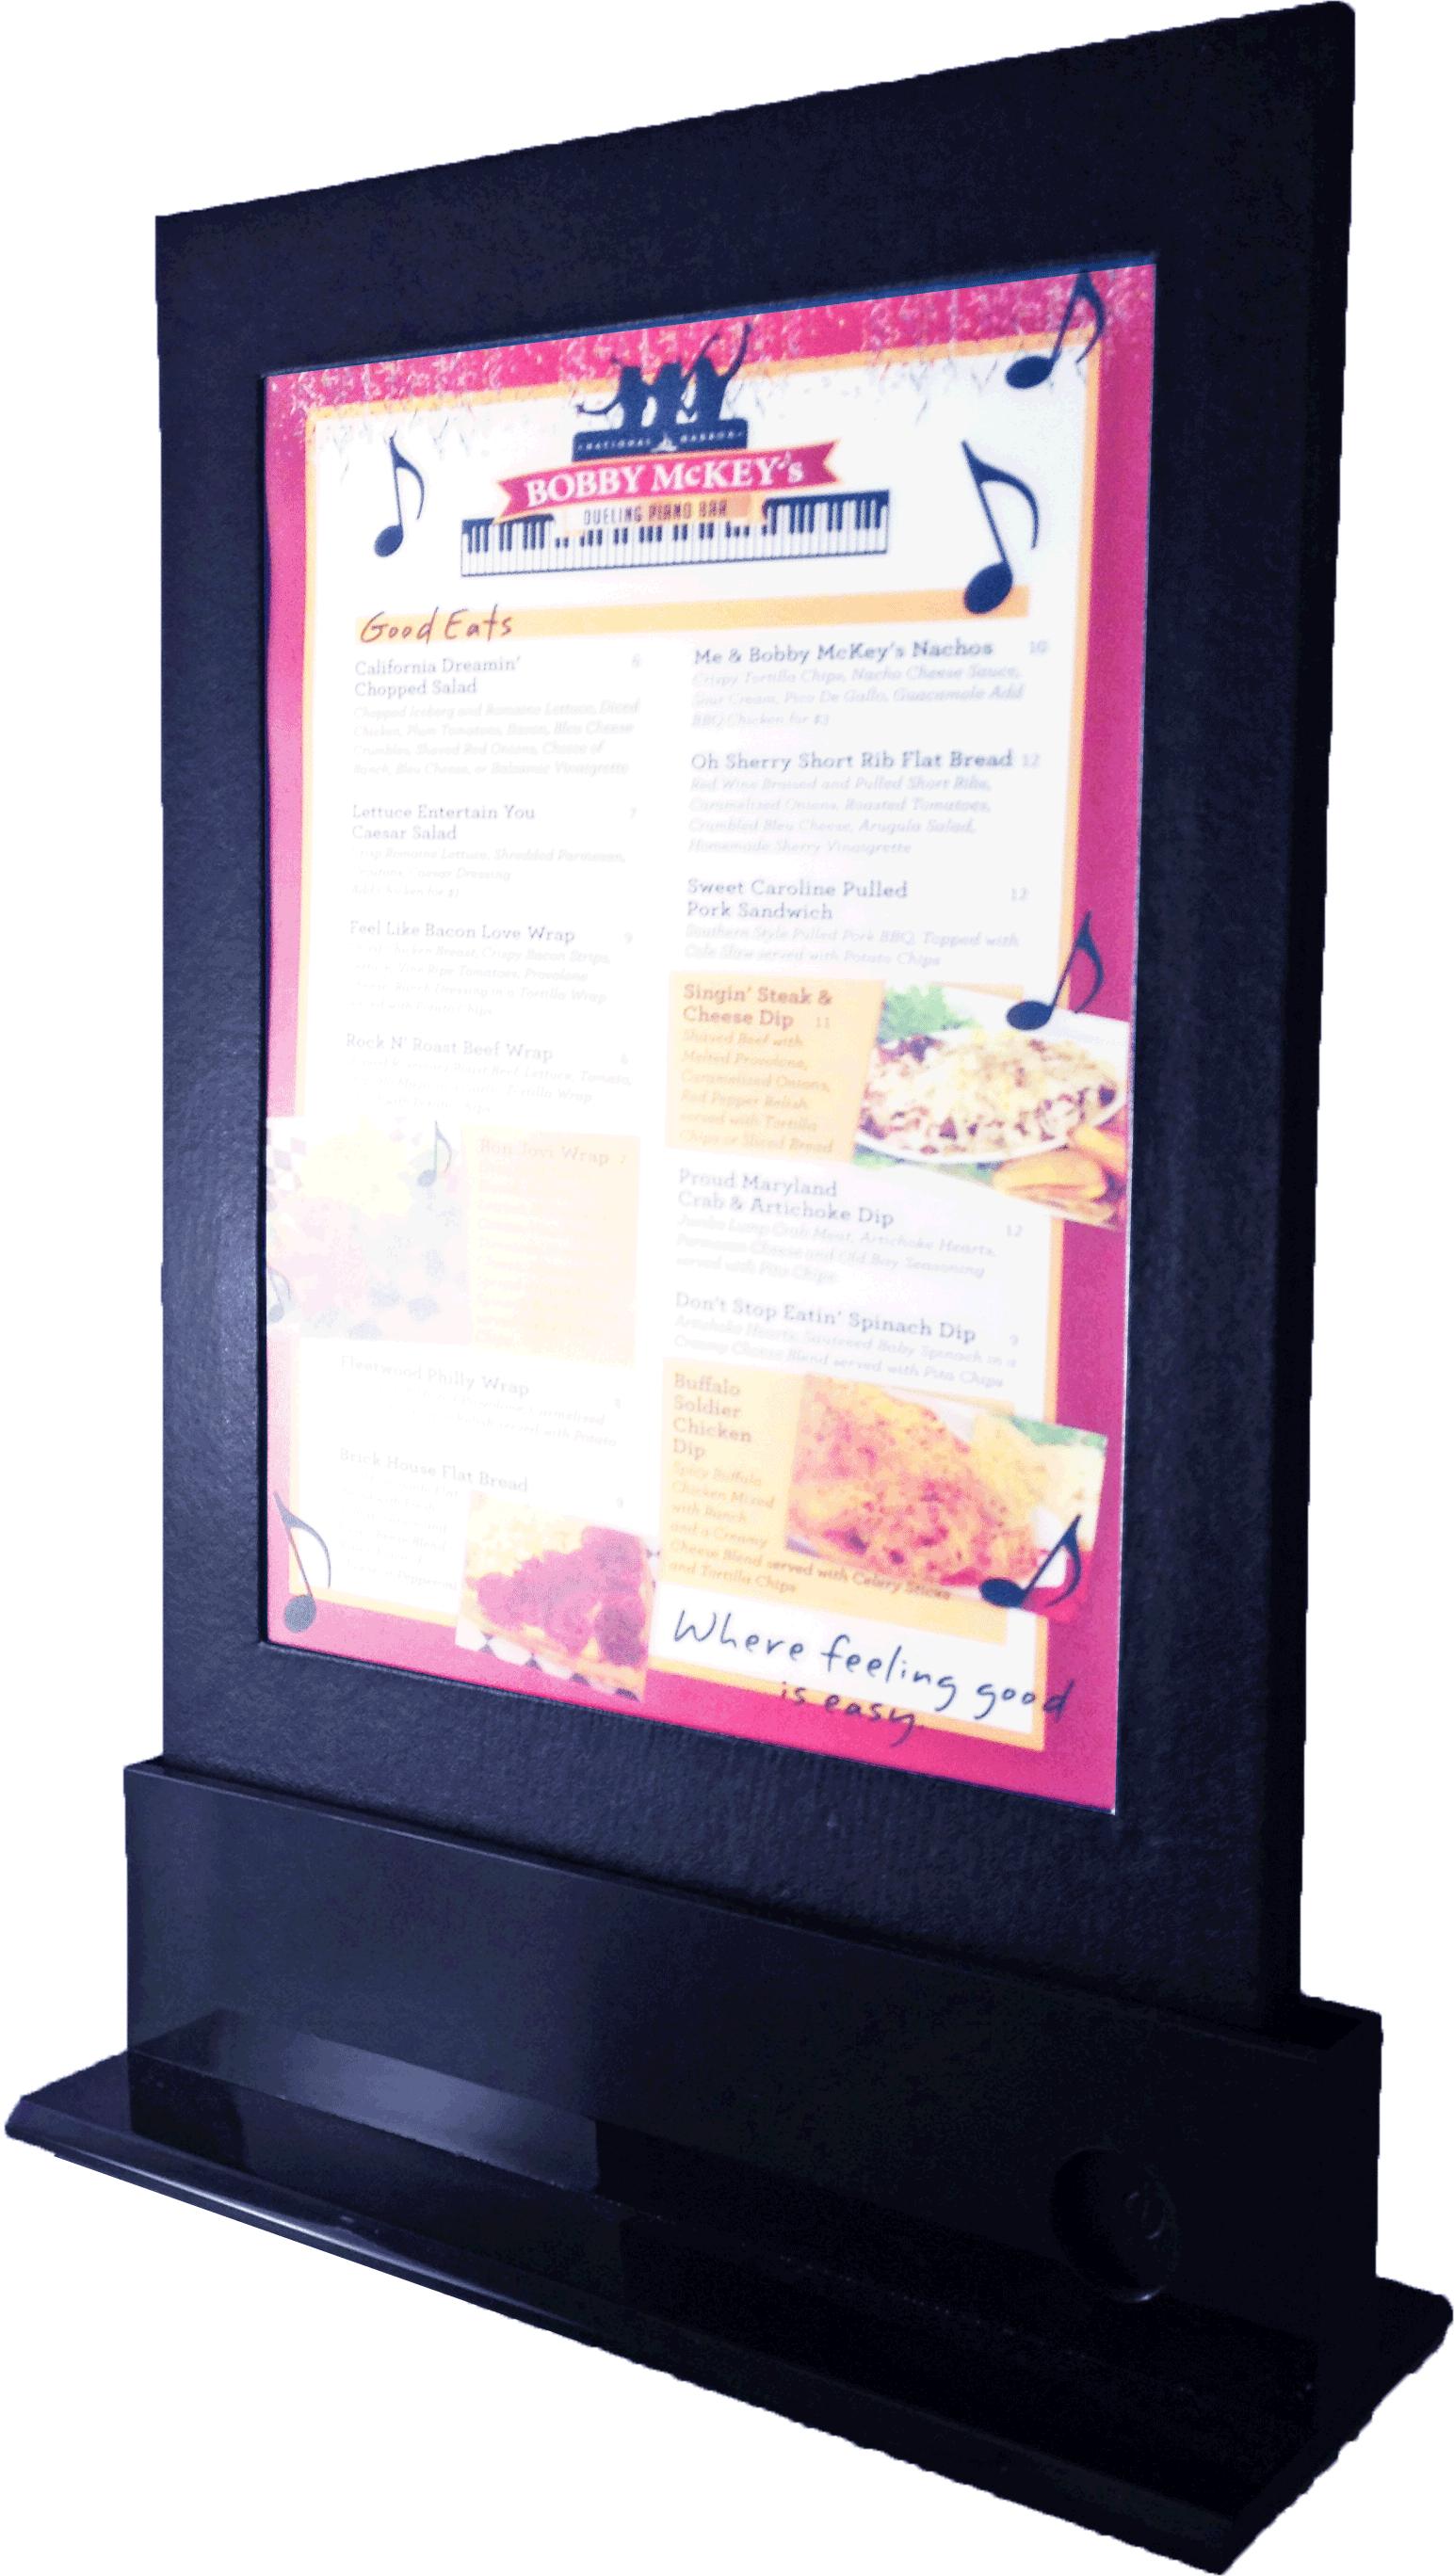 Portamenús - Menú Led Exhibidor